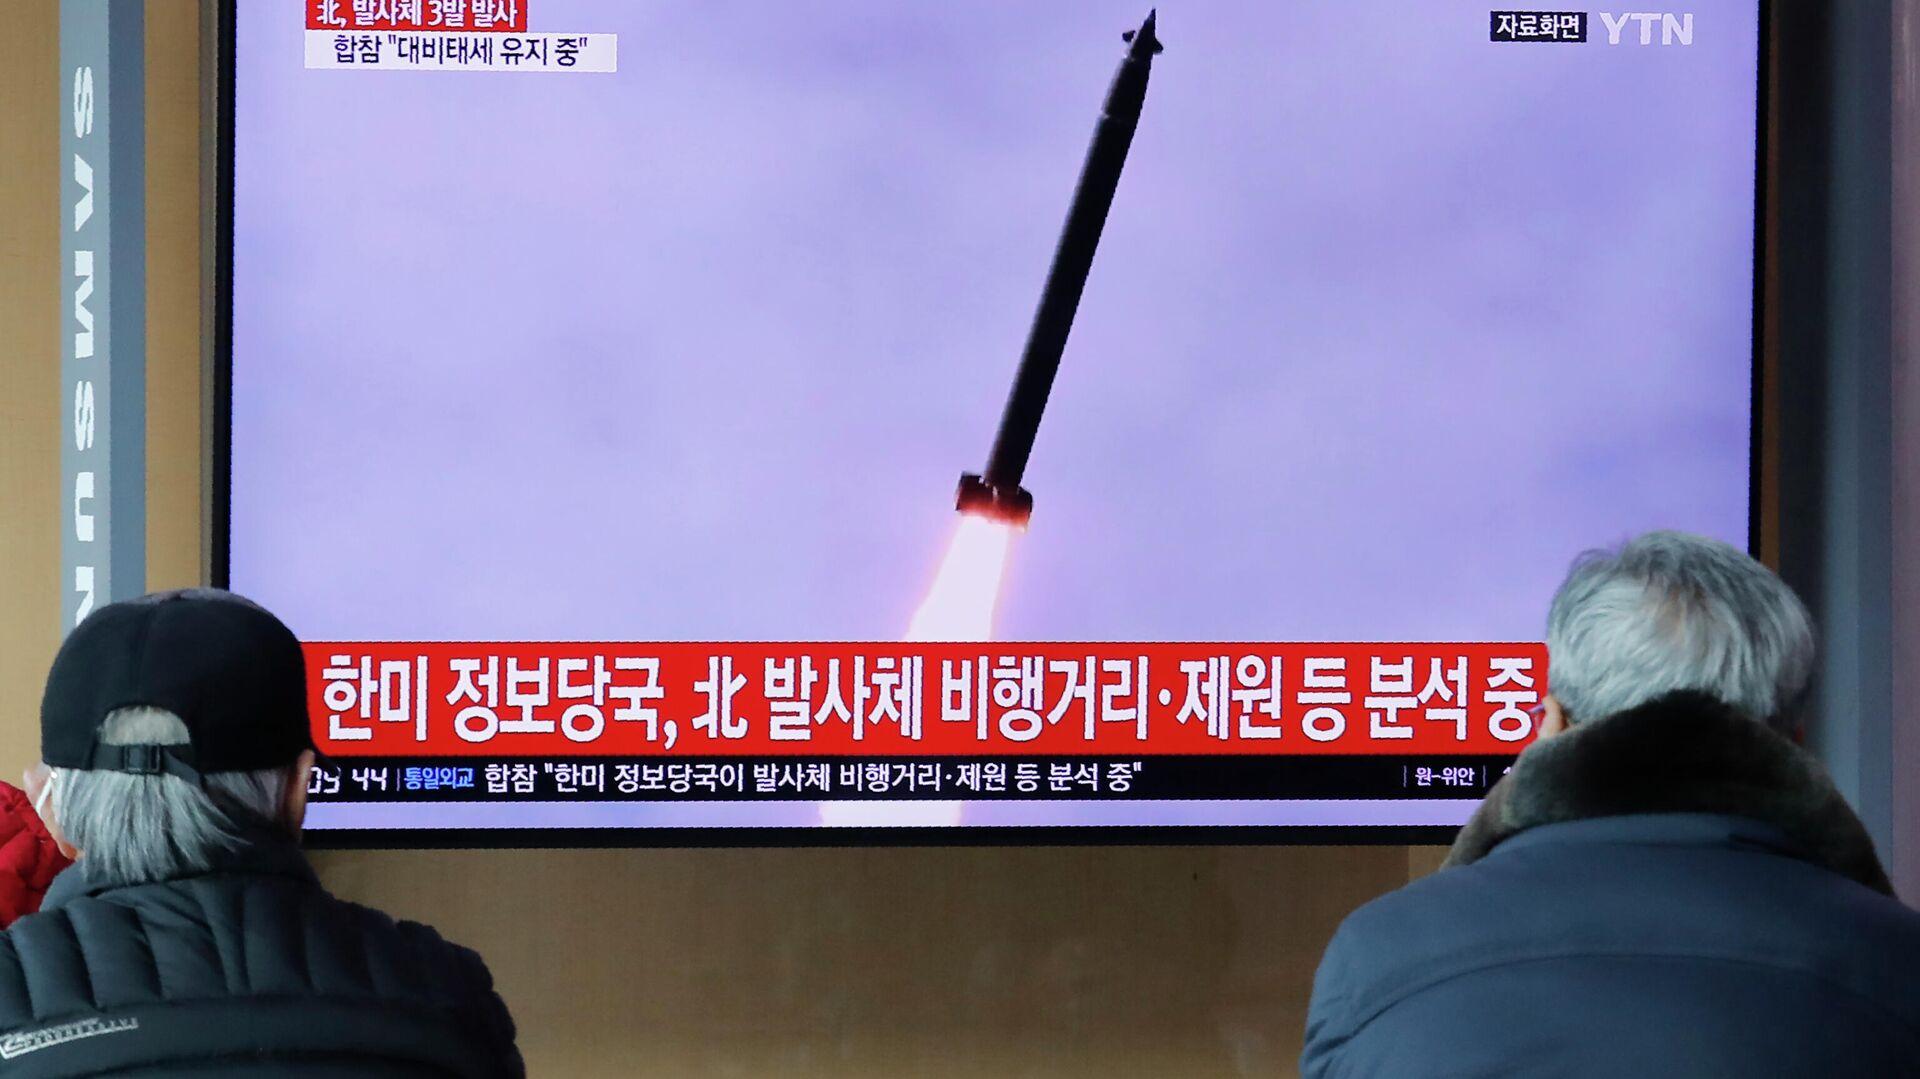 Люди смотрят новости в сеульском метро о запуске ракет в КНДР - РИА Новости, 1920, 25.03.2021